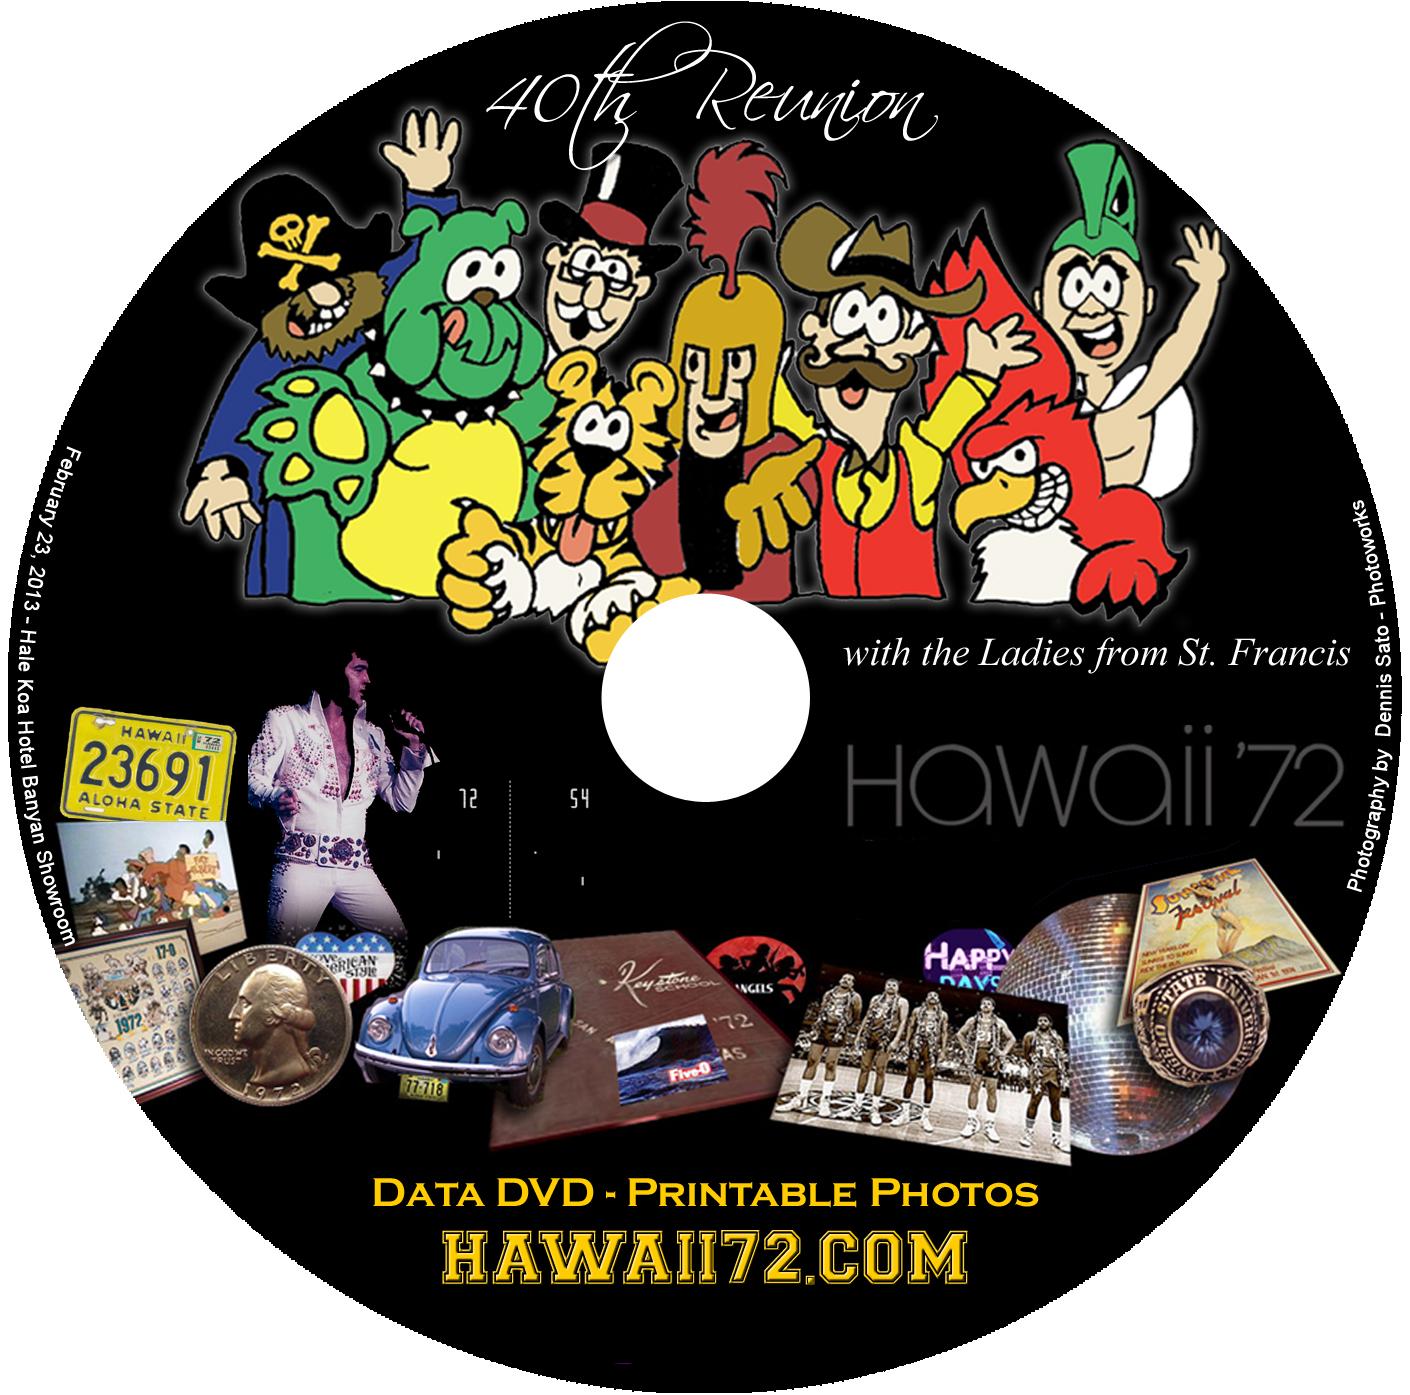 Hawaii '72 Photo Gallery